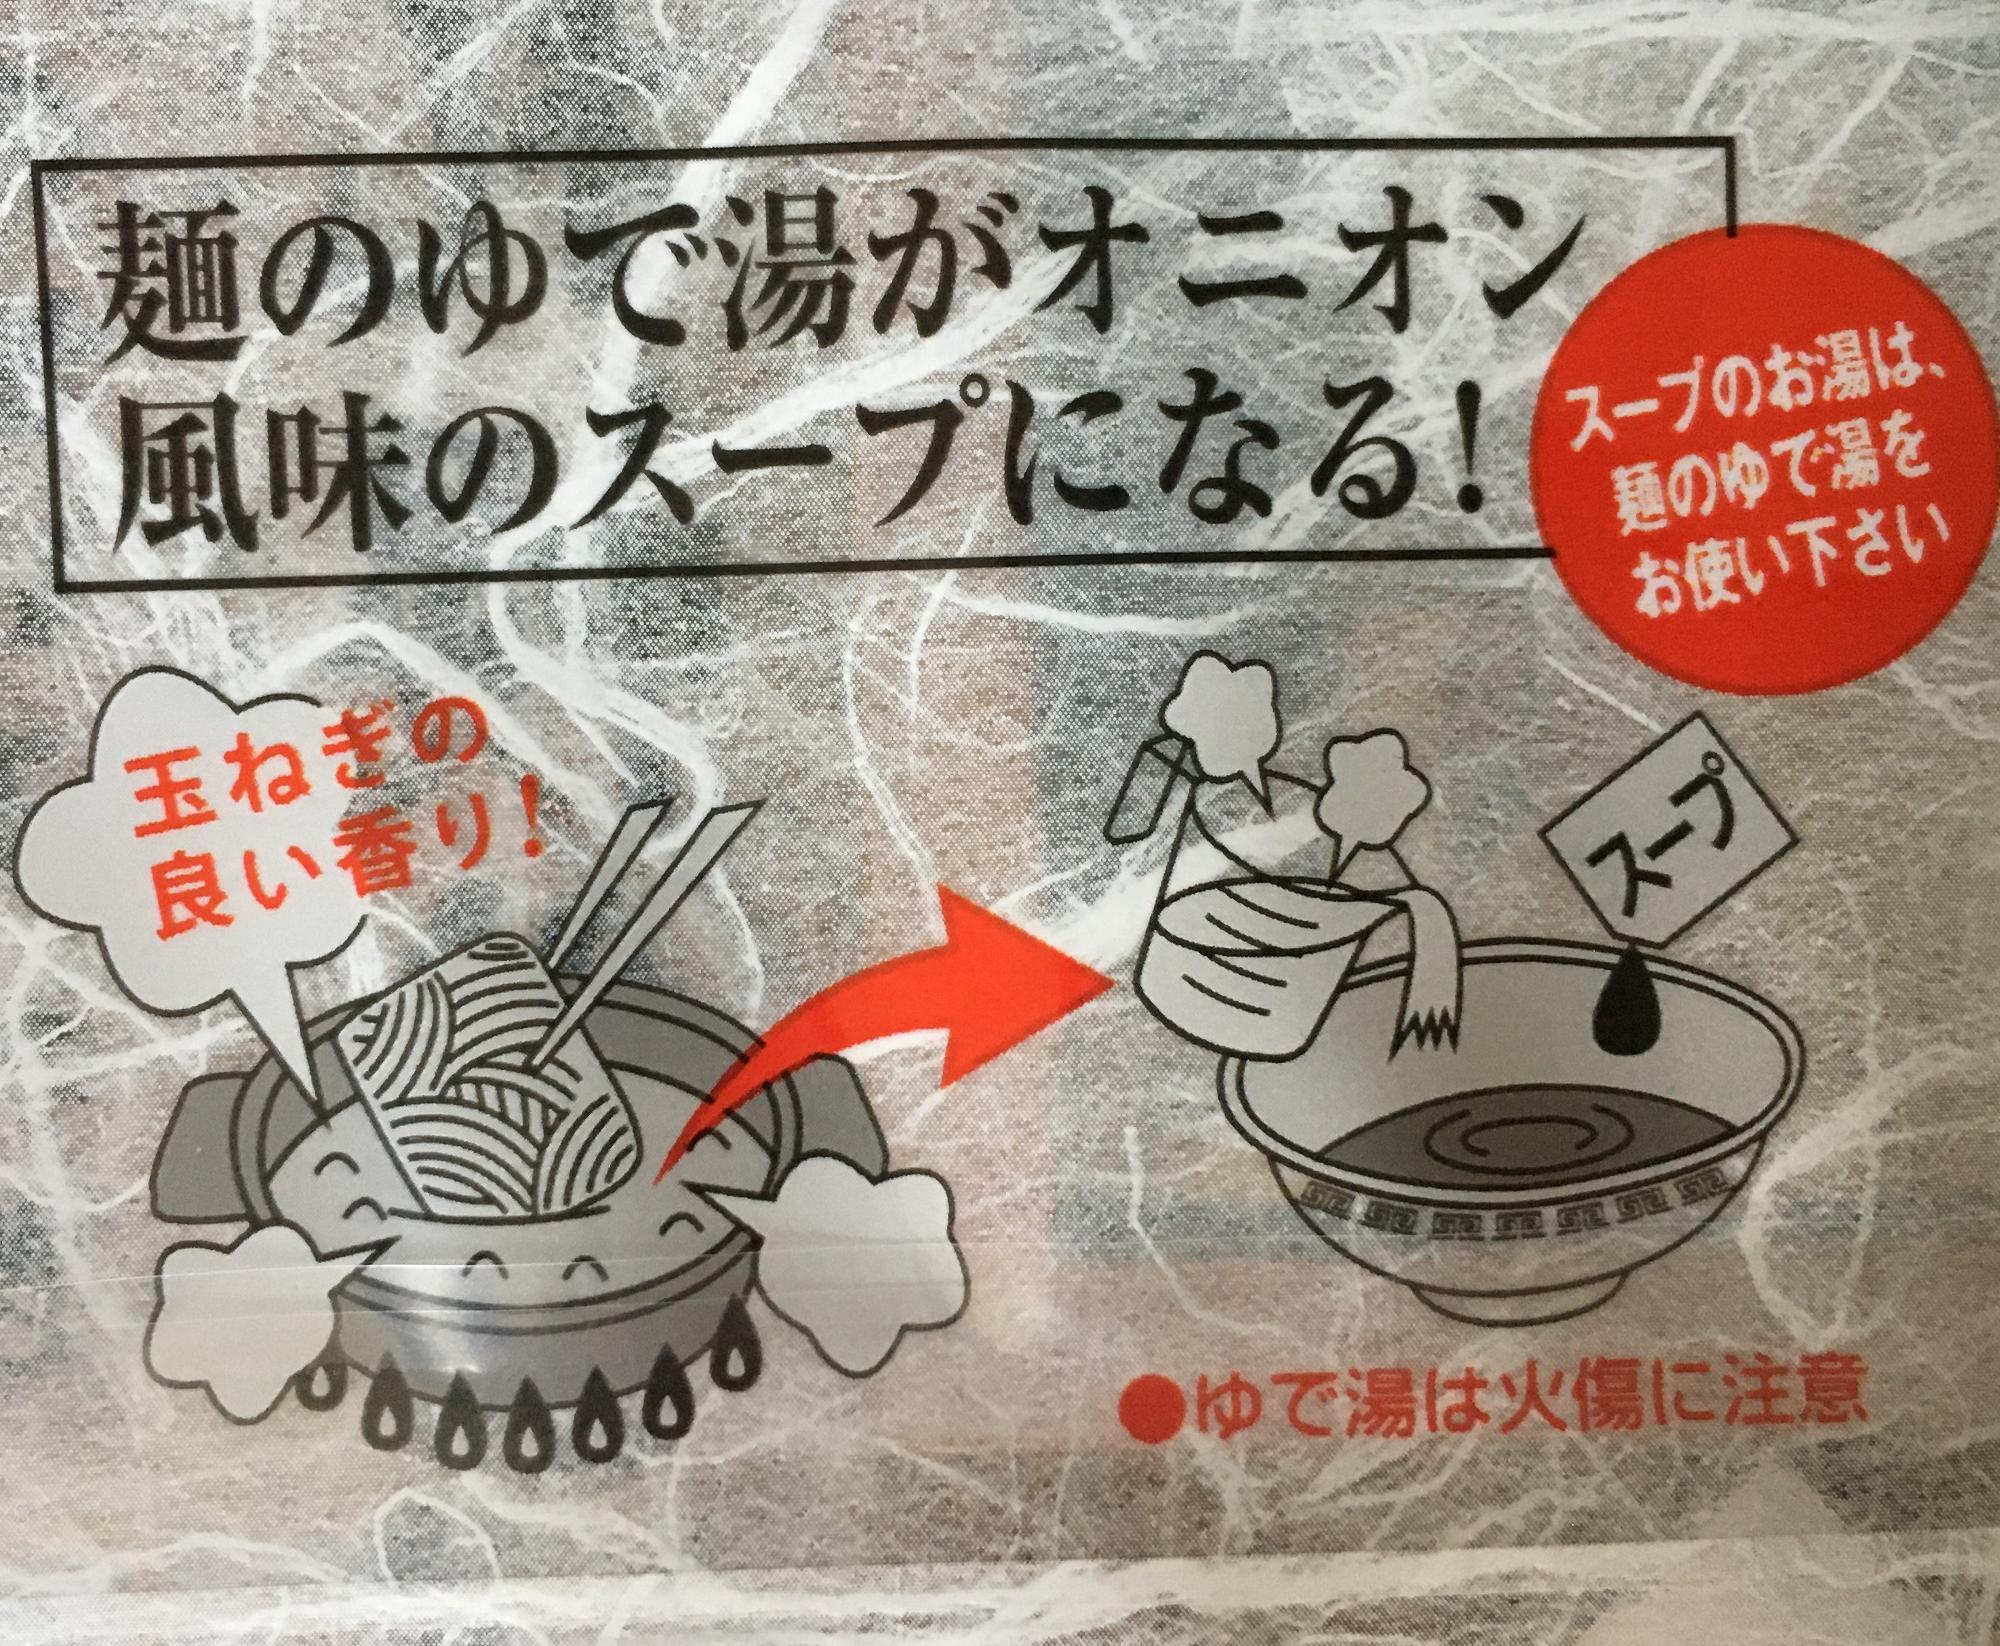 袋の裏のラーメンの作り方に、「ゆで汁を使ってー」と書かれていますね